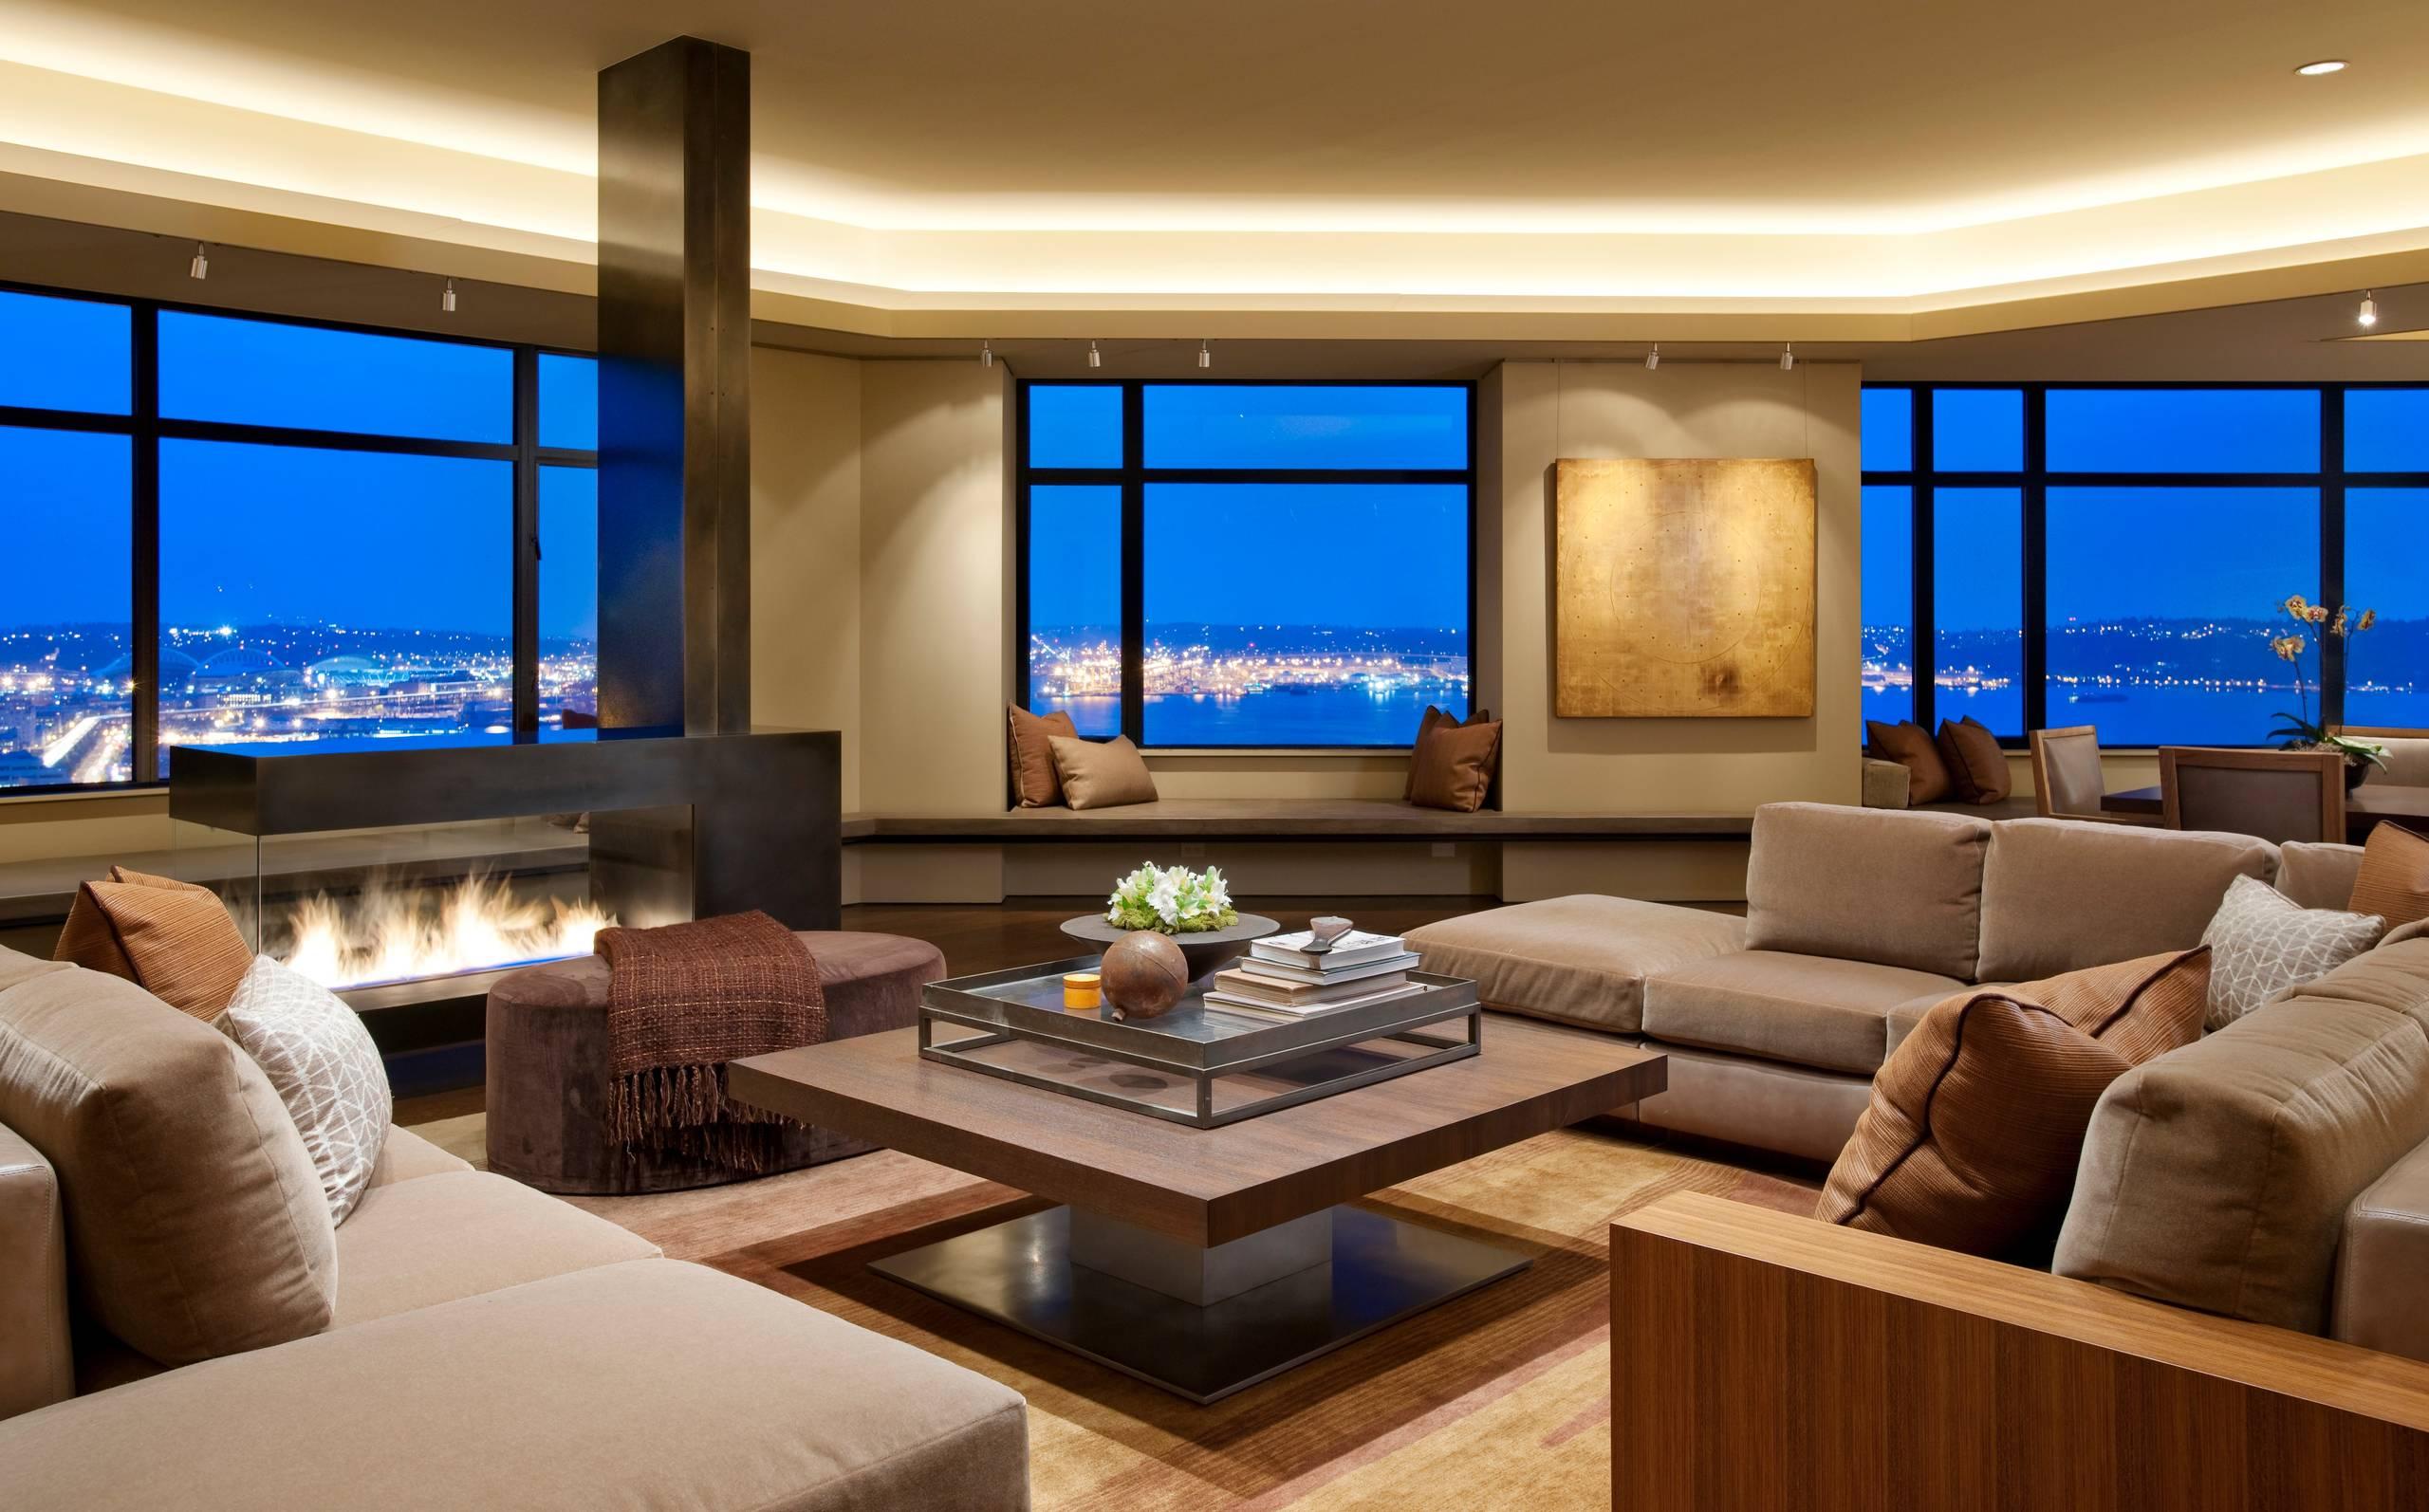 Квартира моей мечты картинки